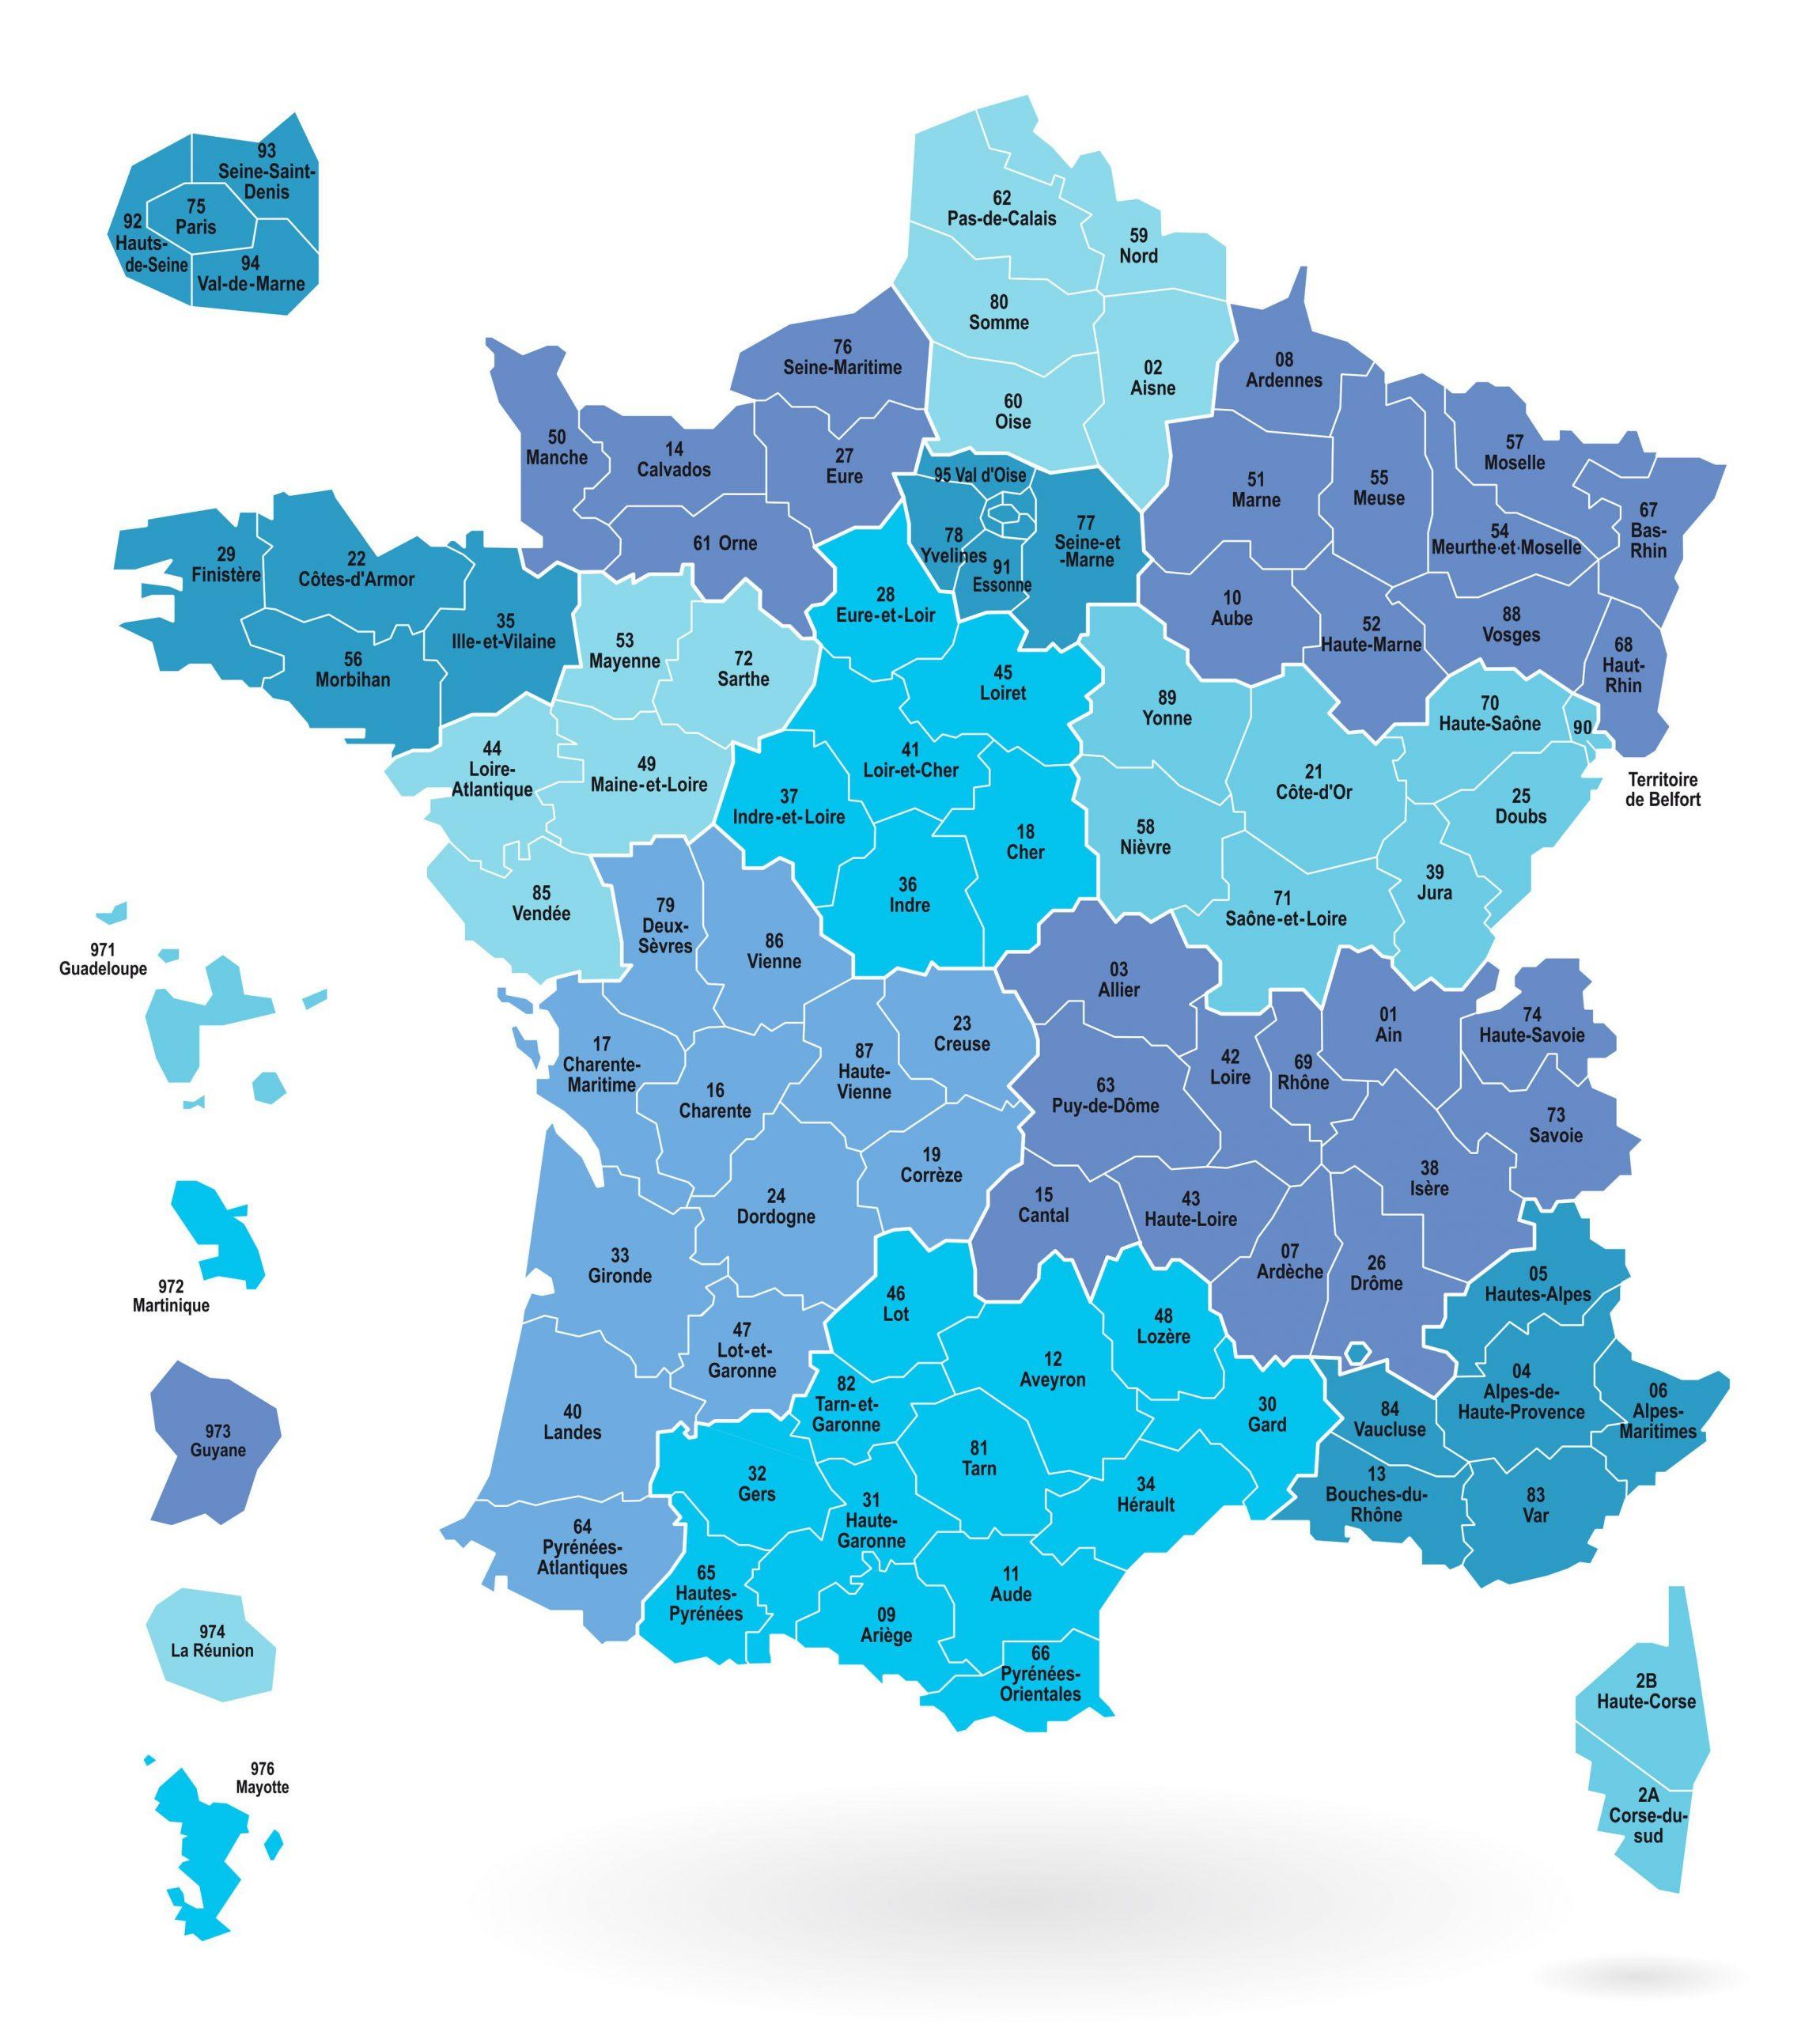 Cartes Des Départements Et Régions De La France - Cartes De pour Carte De France Avec Les Départements